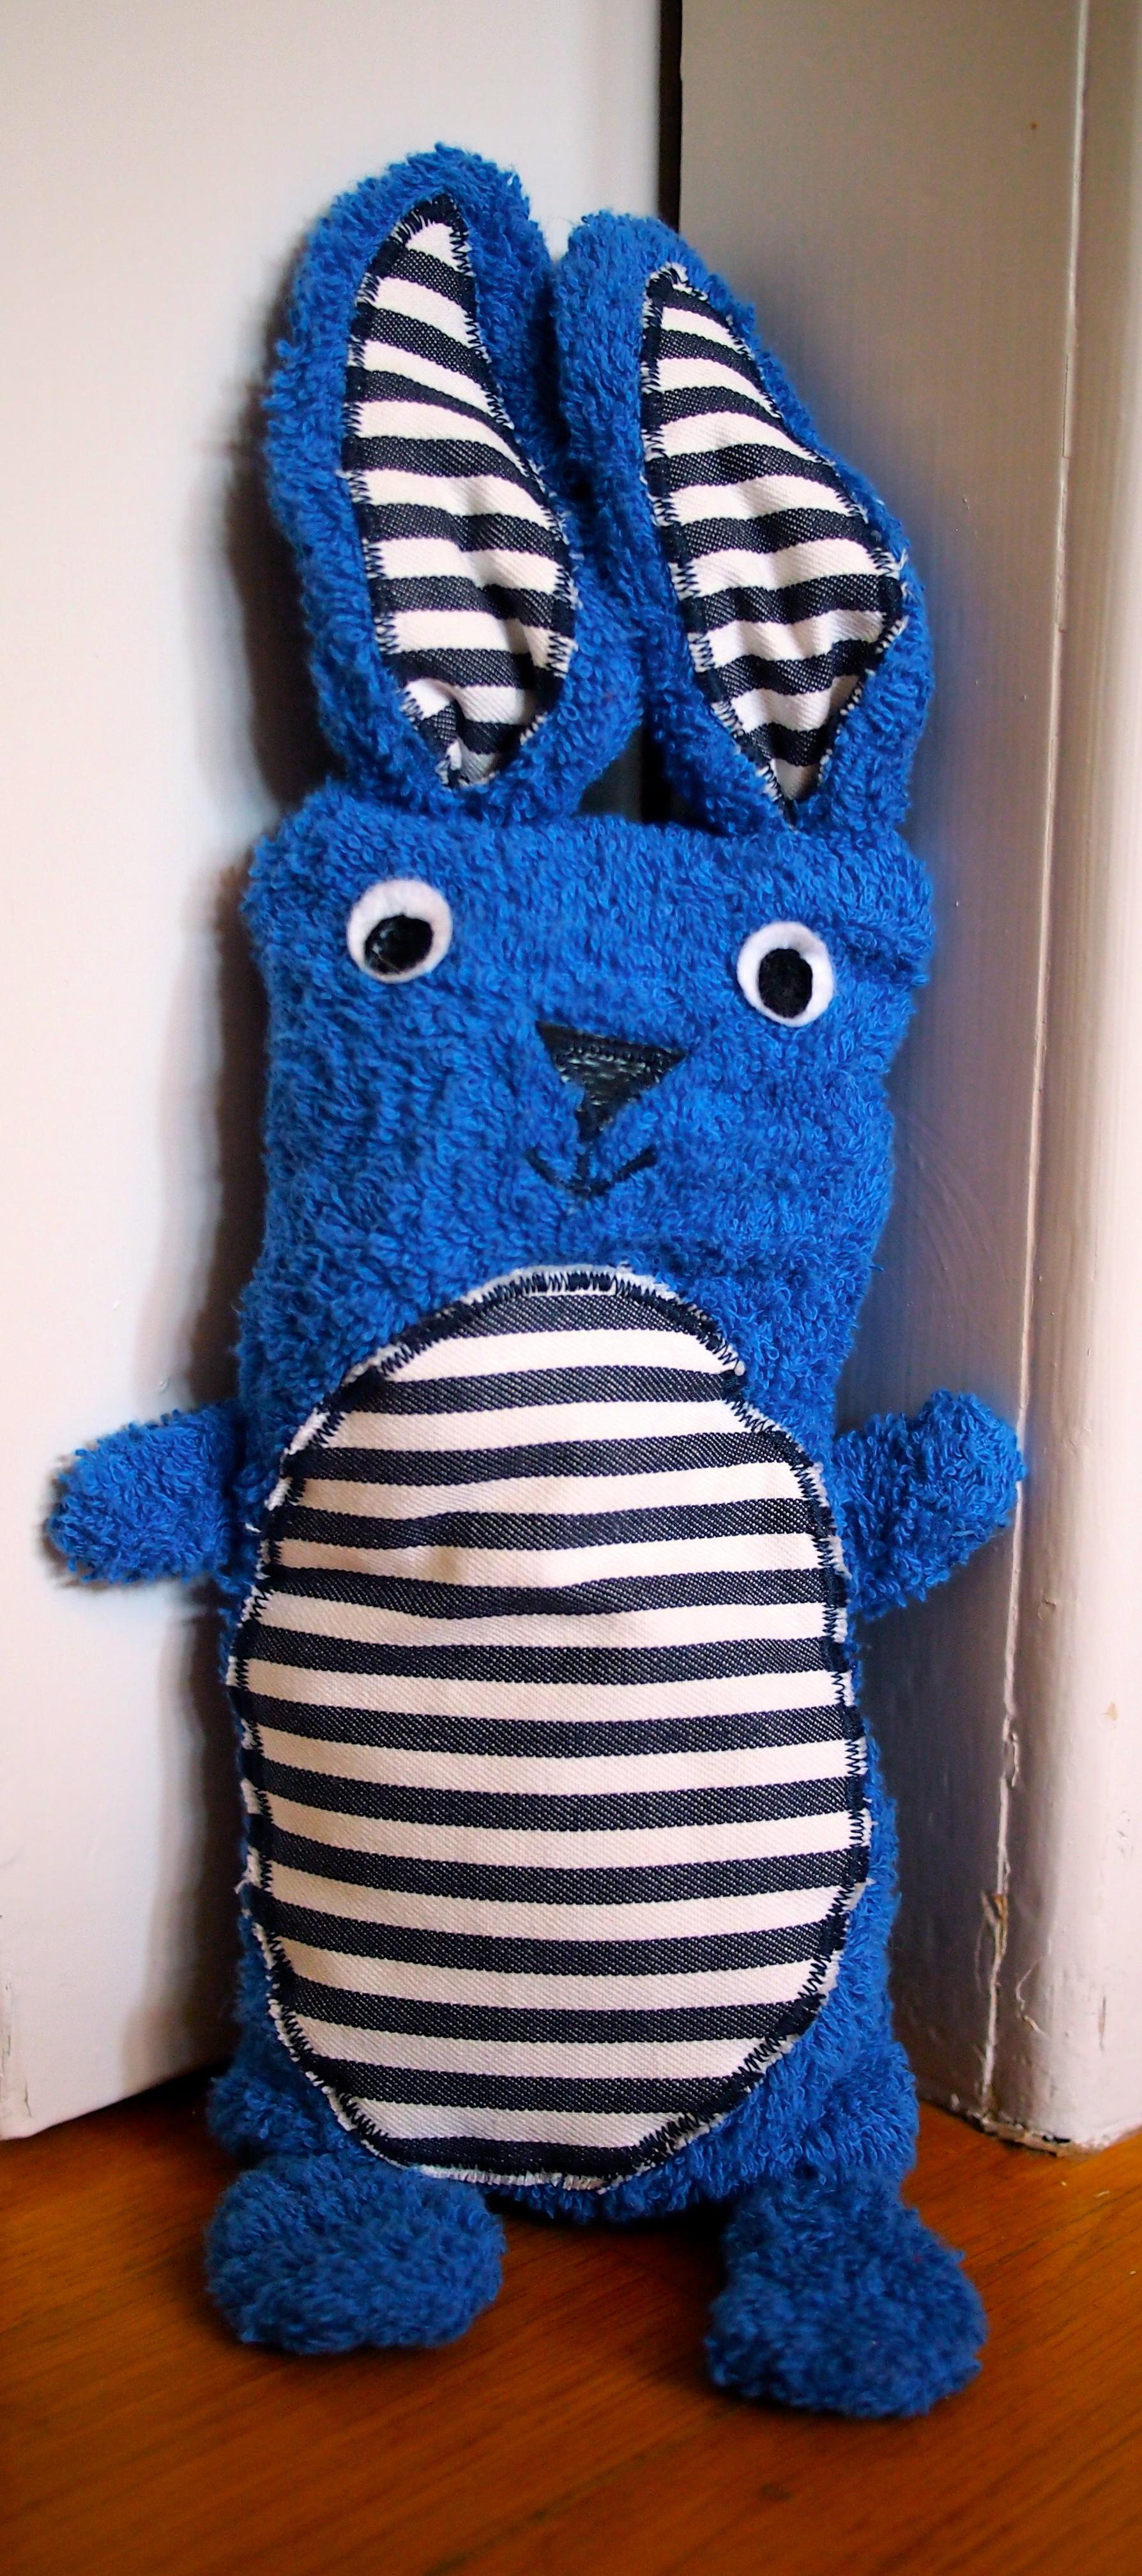 Cuddly Rabbit for Babies / Children / Grown-ups